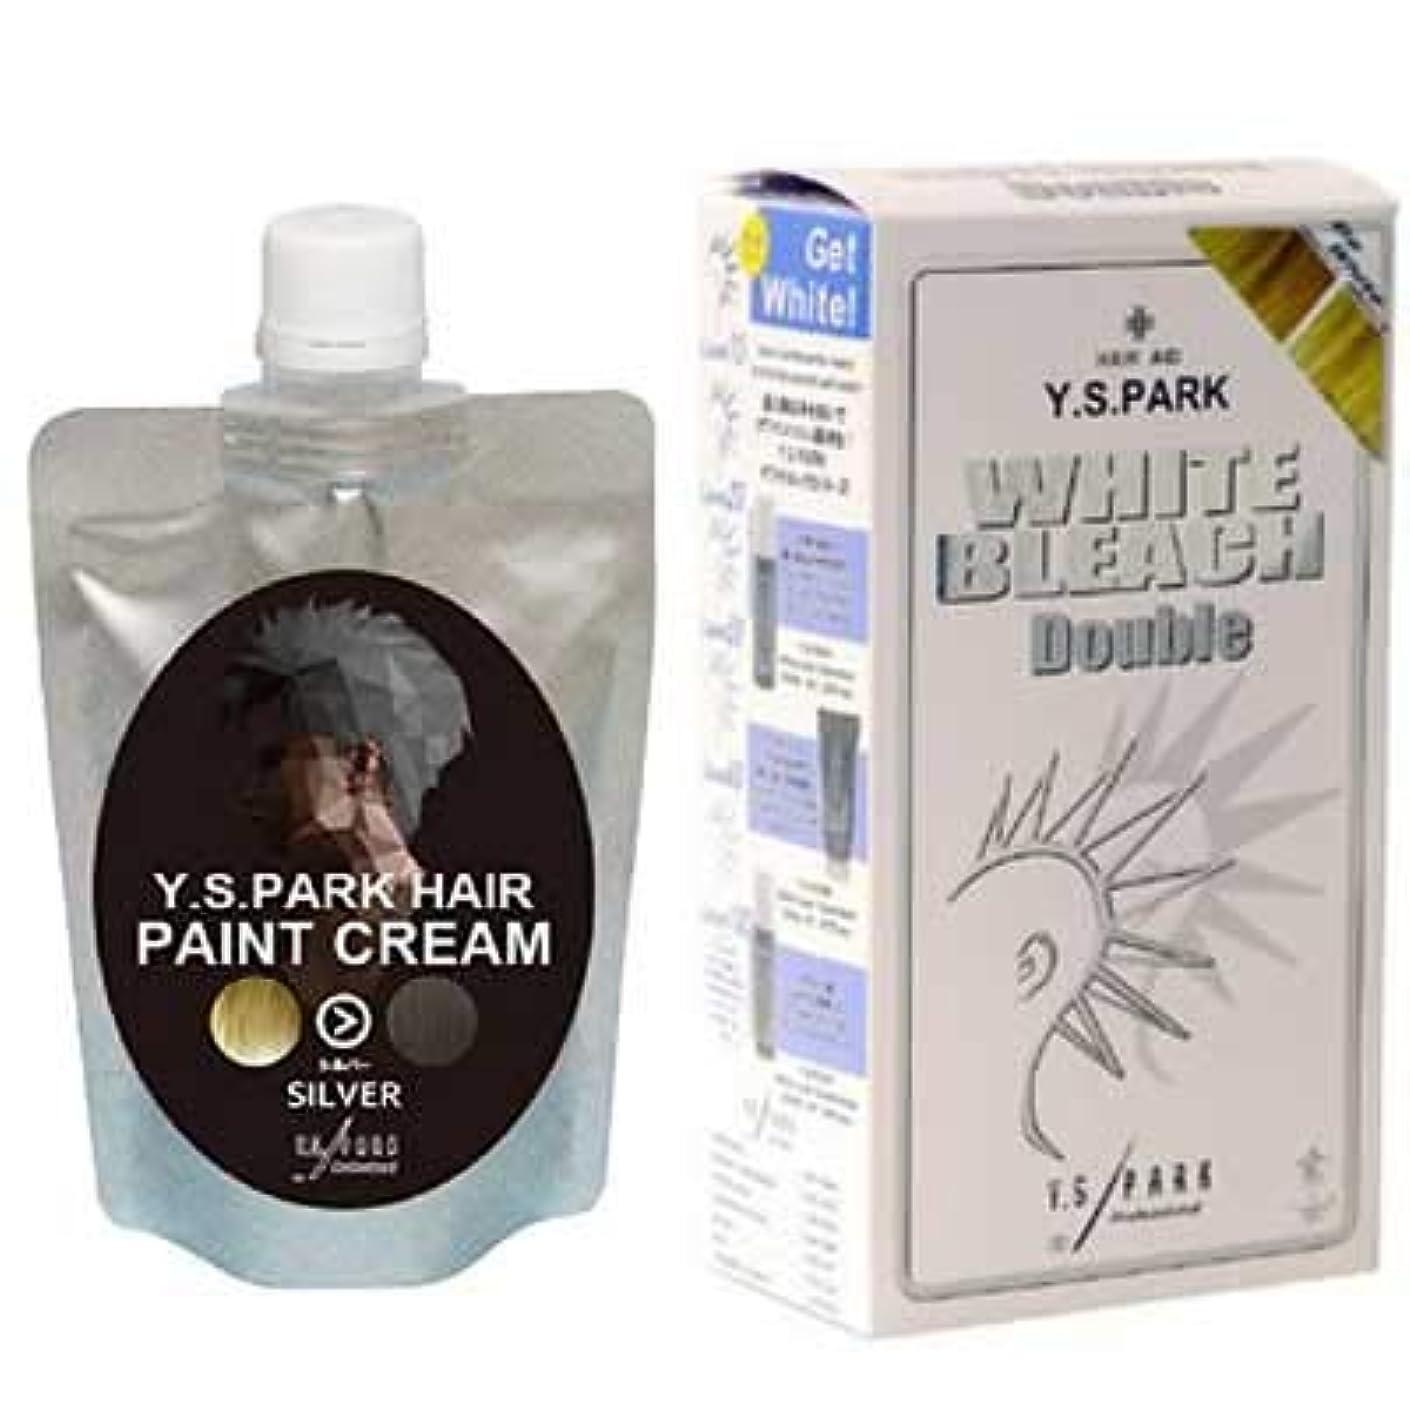 反抗喜ぶアークY.S.PARKヘアペイントクリーム シルバー 200g & Y.S.パーク ホワイトブリーチ ダブルセット